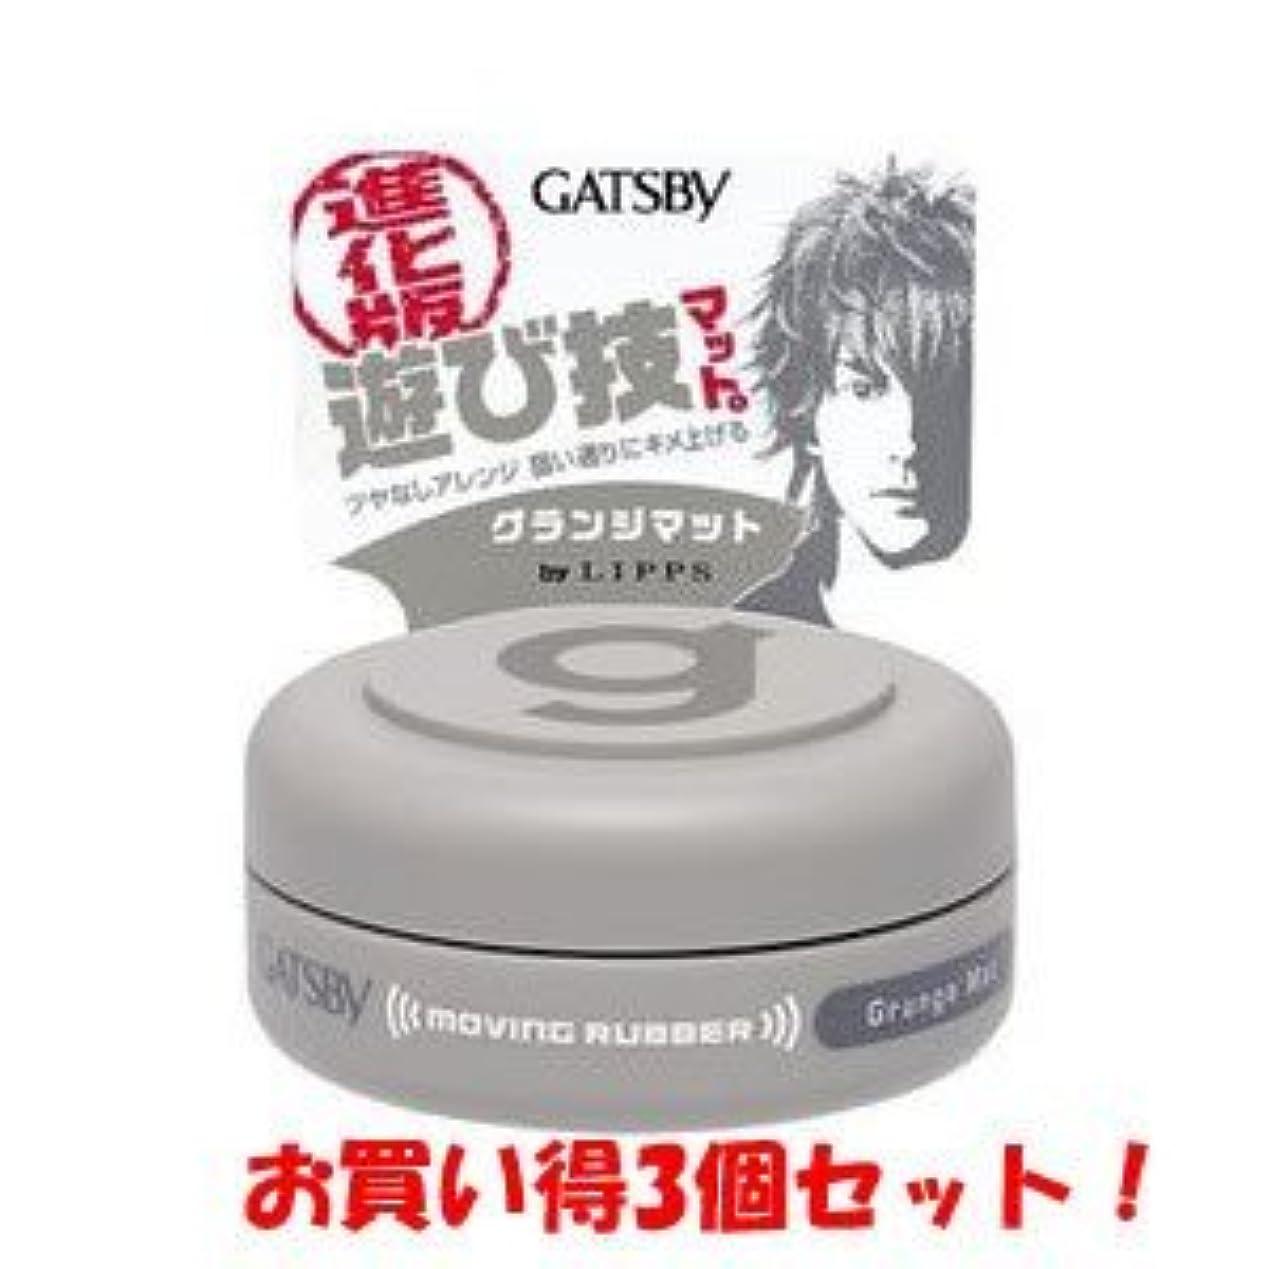 精査退屈させる膨張するギャツビー【GATSBY】ムービングラバー グランジマットモバイル 15g(お買い得3個セット)